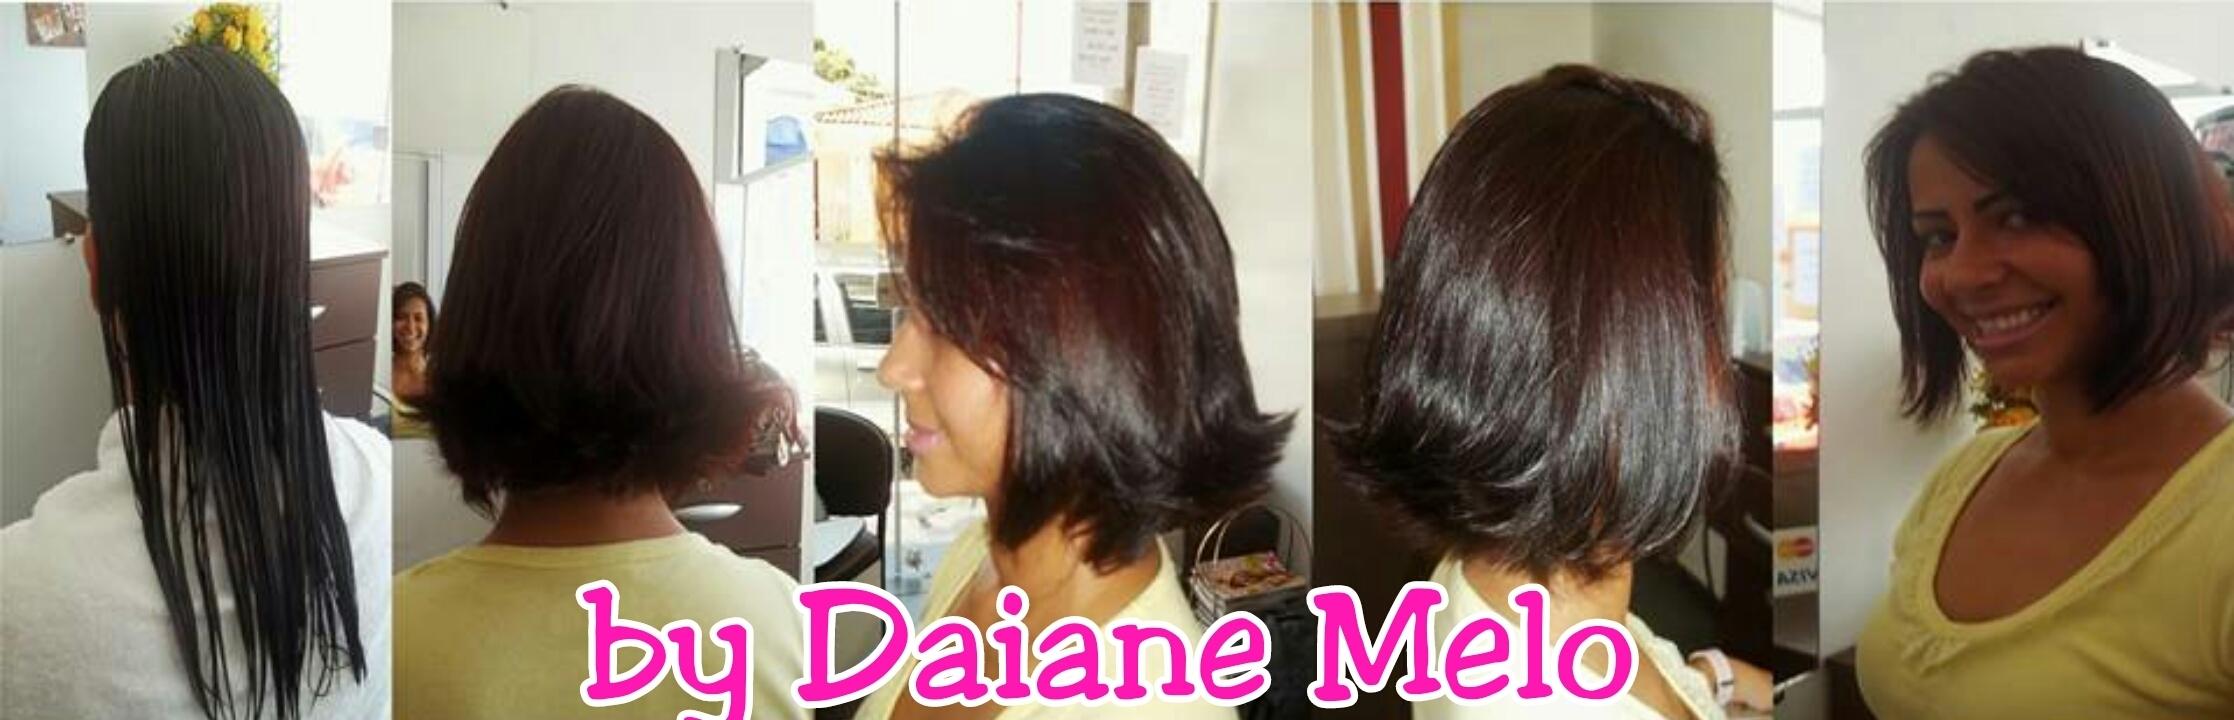 recepcionista cabeleireiro(a)